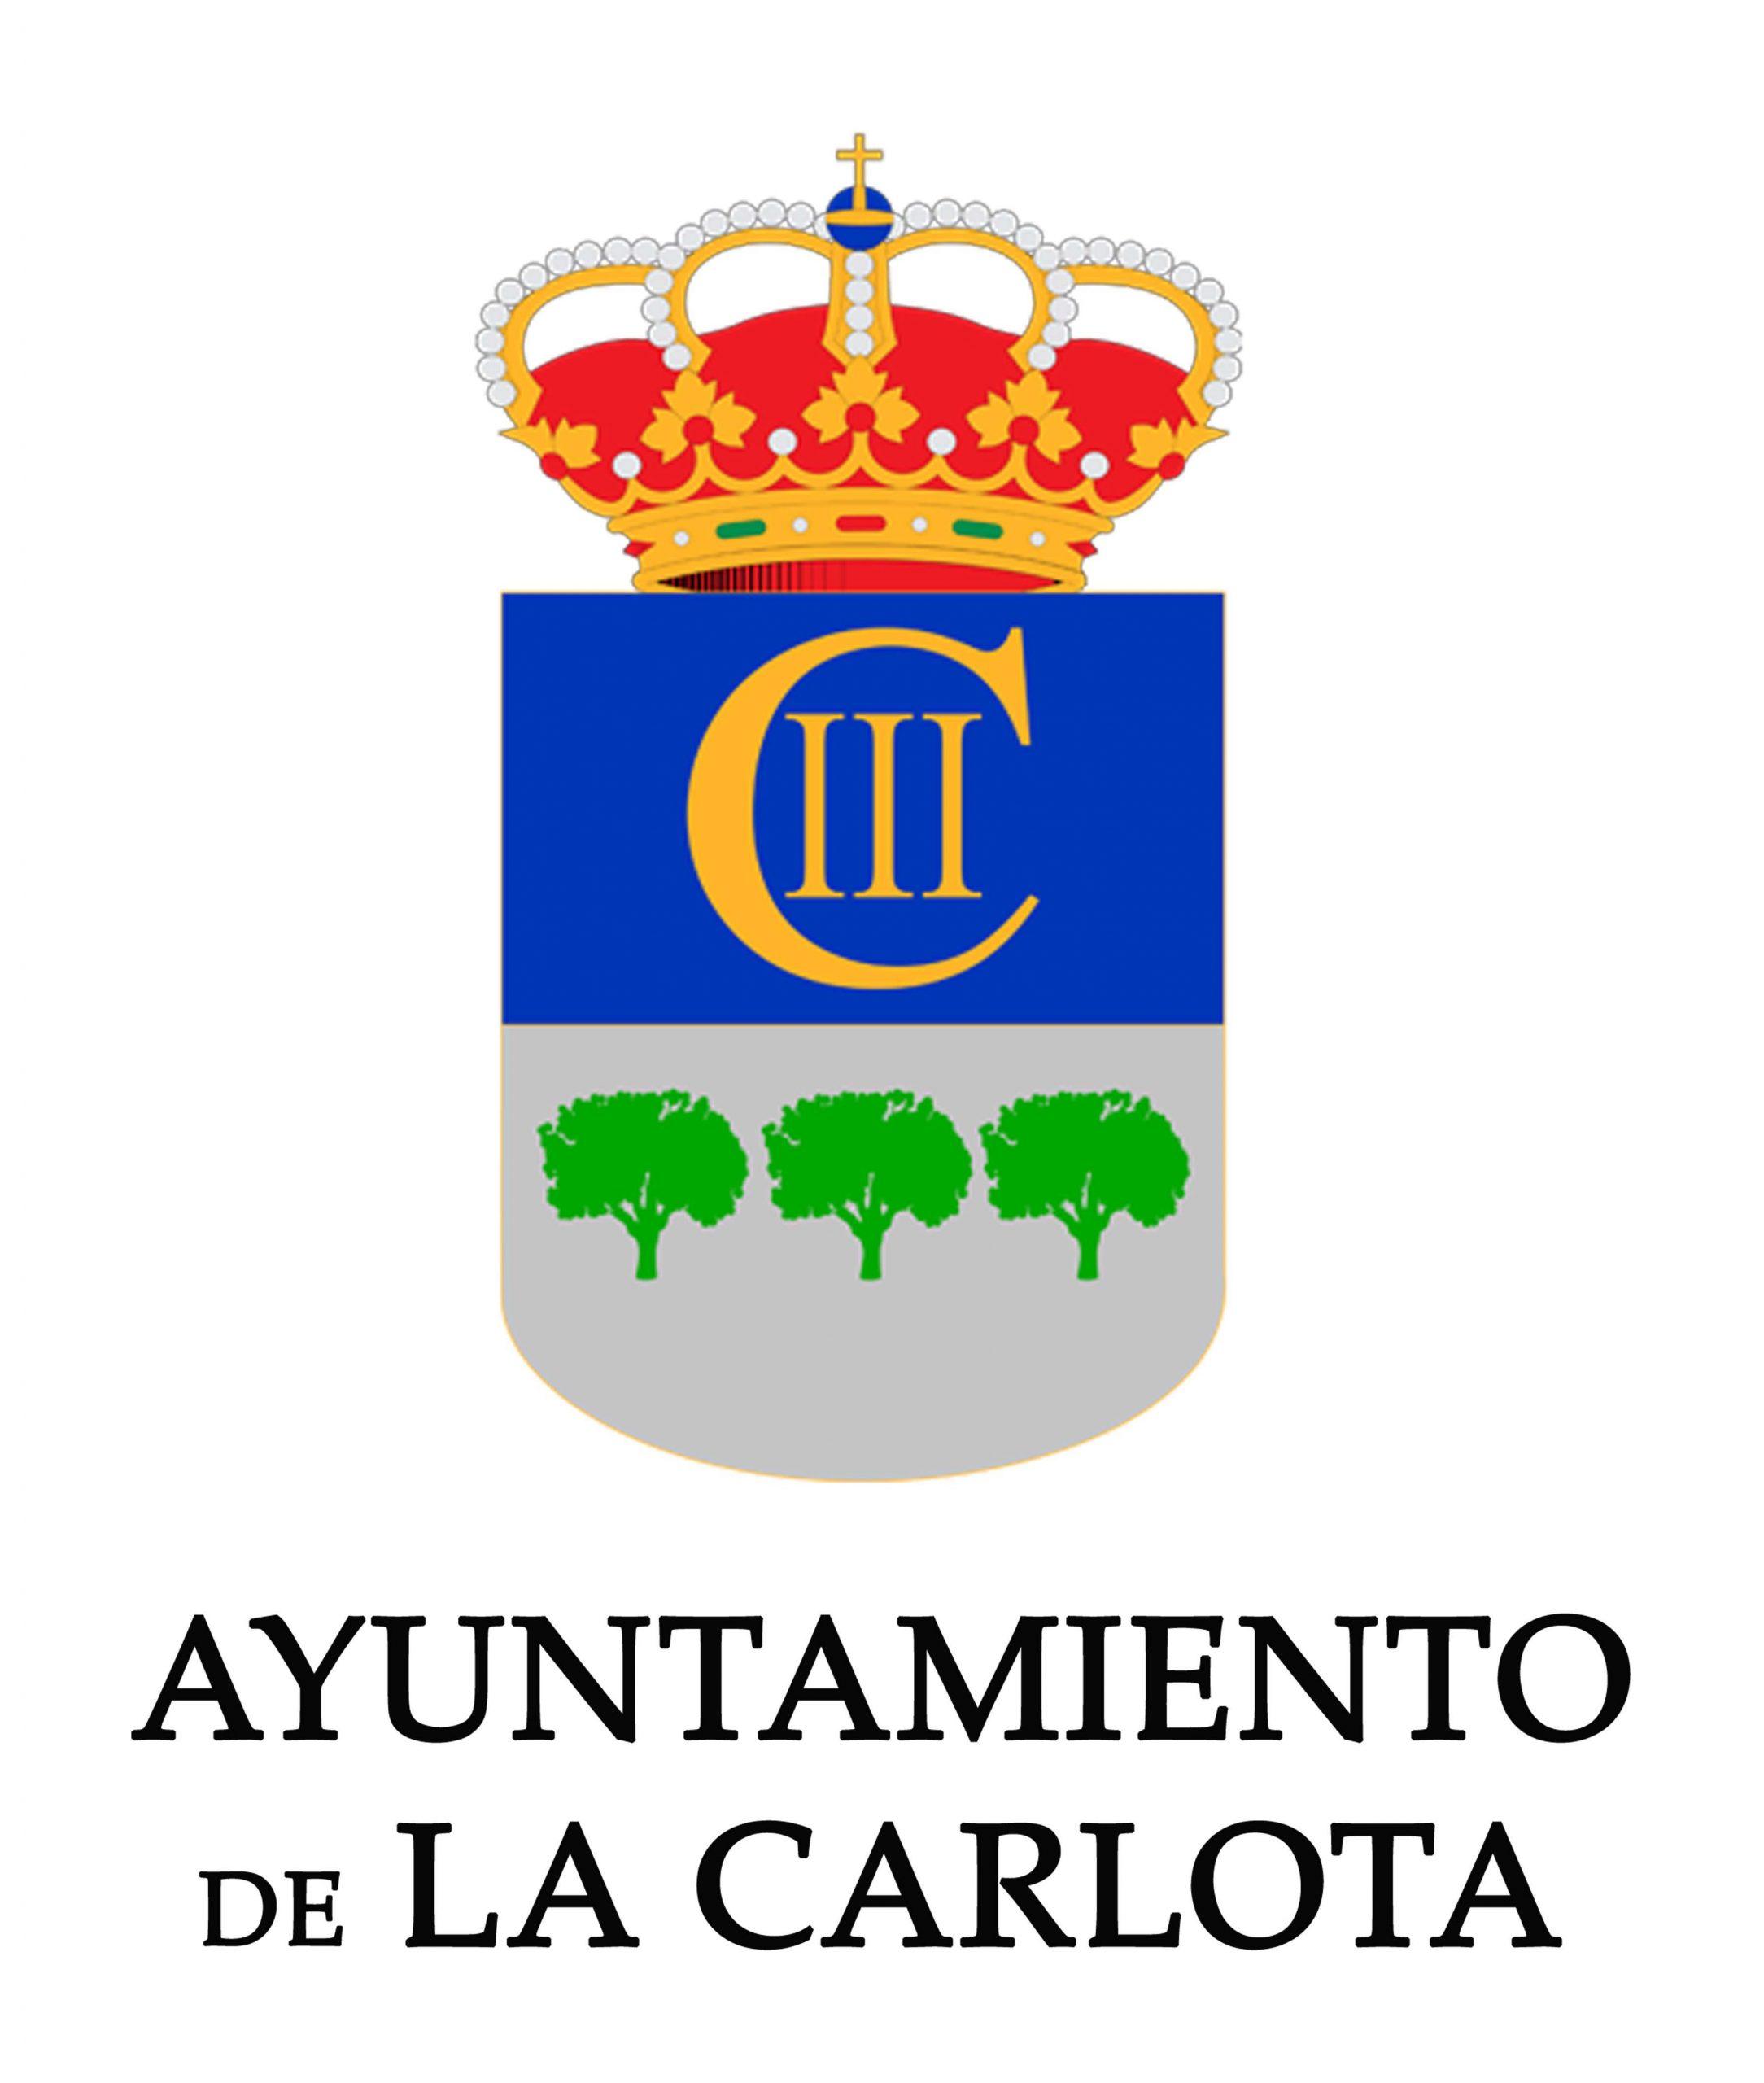 LA CARLOTA CUENTA CON UN NUEVO POSITIVO DE COVID-19 1